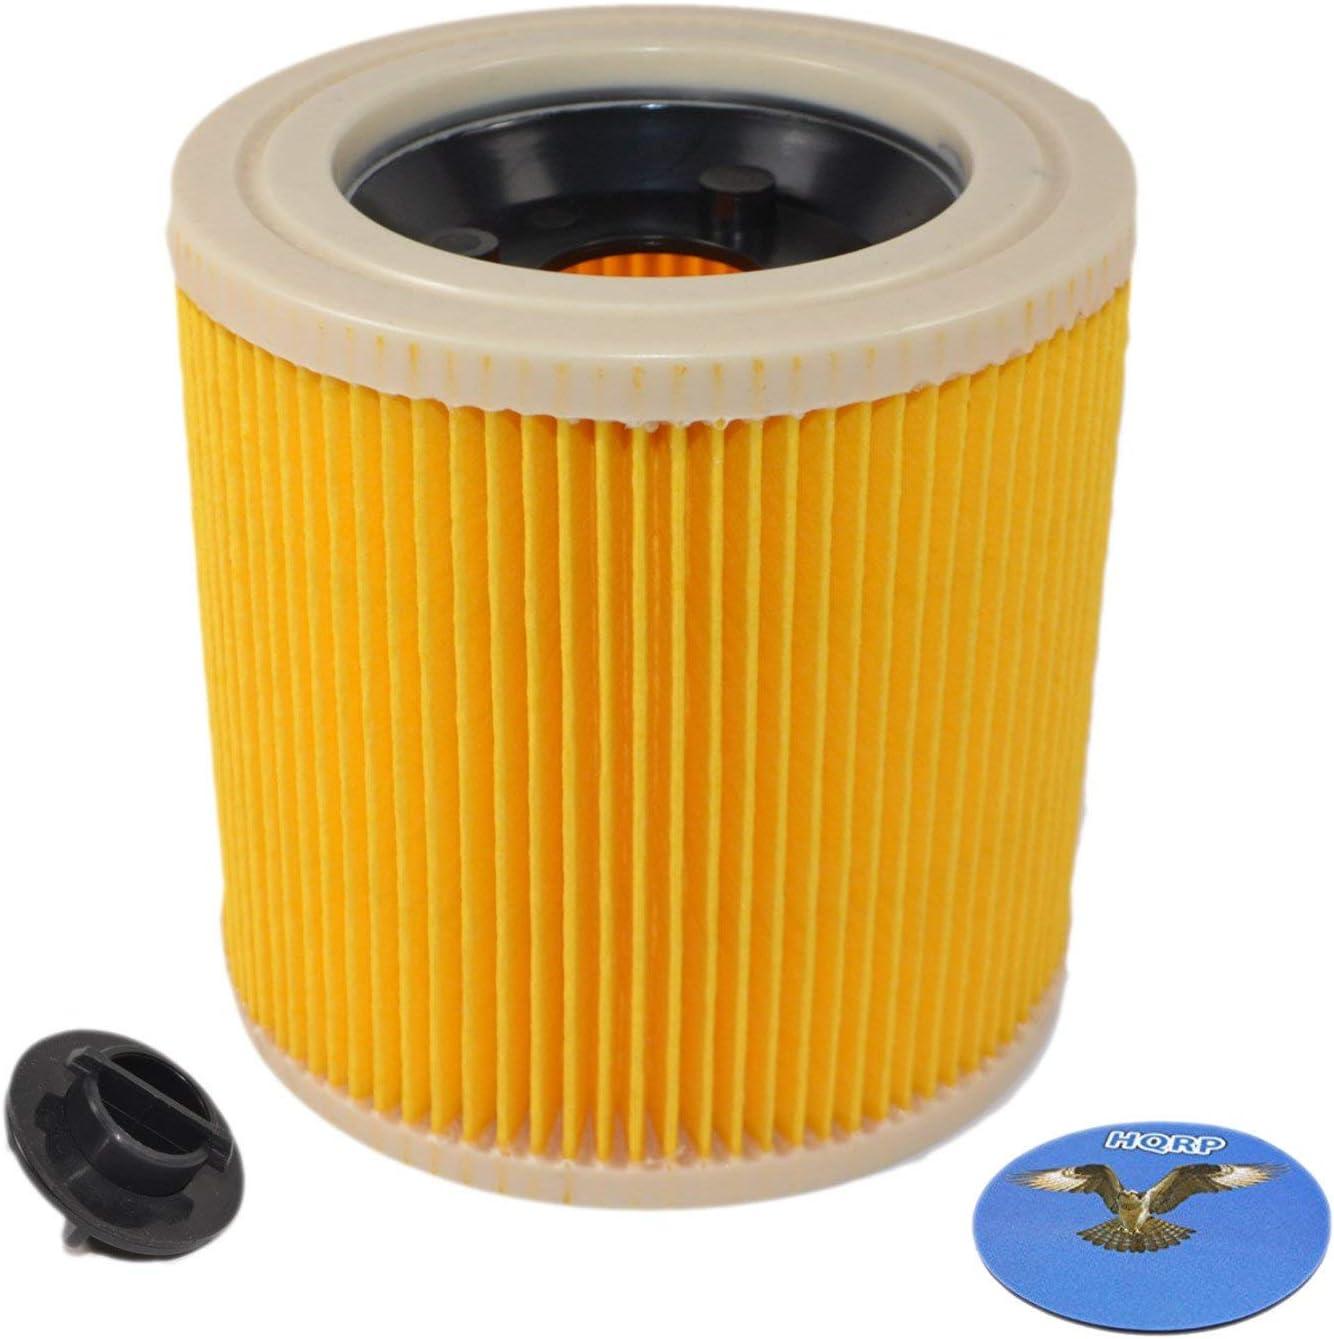 WD 2 WD2 HQRP Filtre /à cartouche pour K/ärcher 6.414-552.0 6.414-552 64145520 Remplacement pour K/ärcher SE 4000 WD3 HQRP Sous-verre WD 3 s/éries Aspirateurs sec//humide